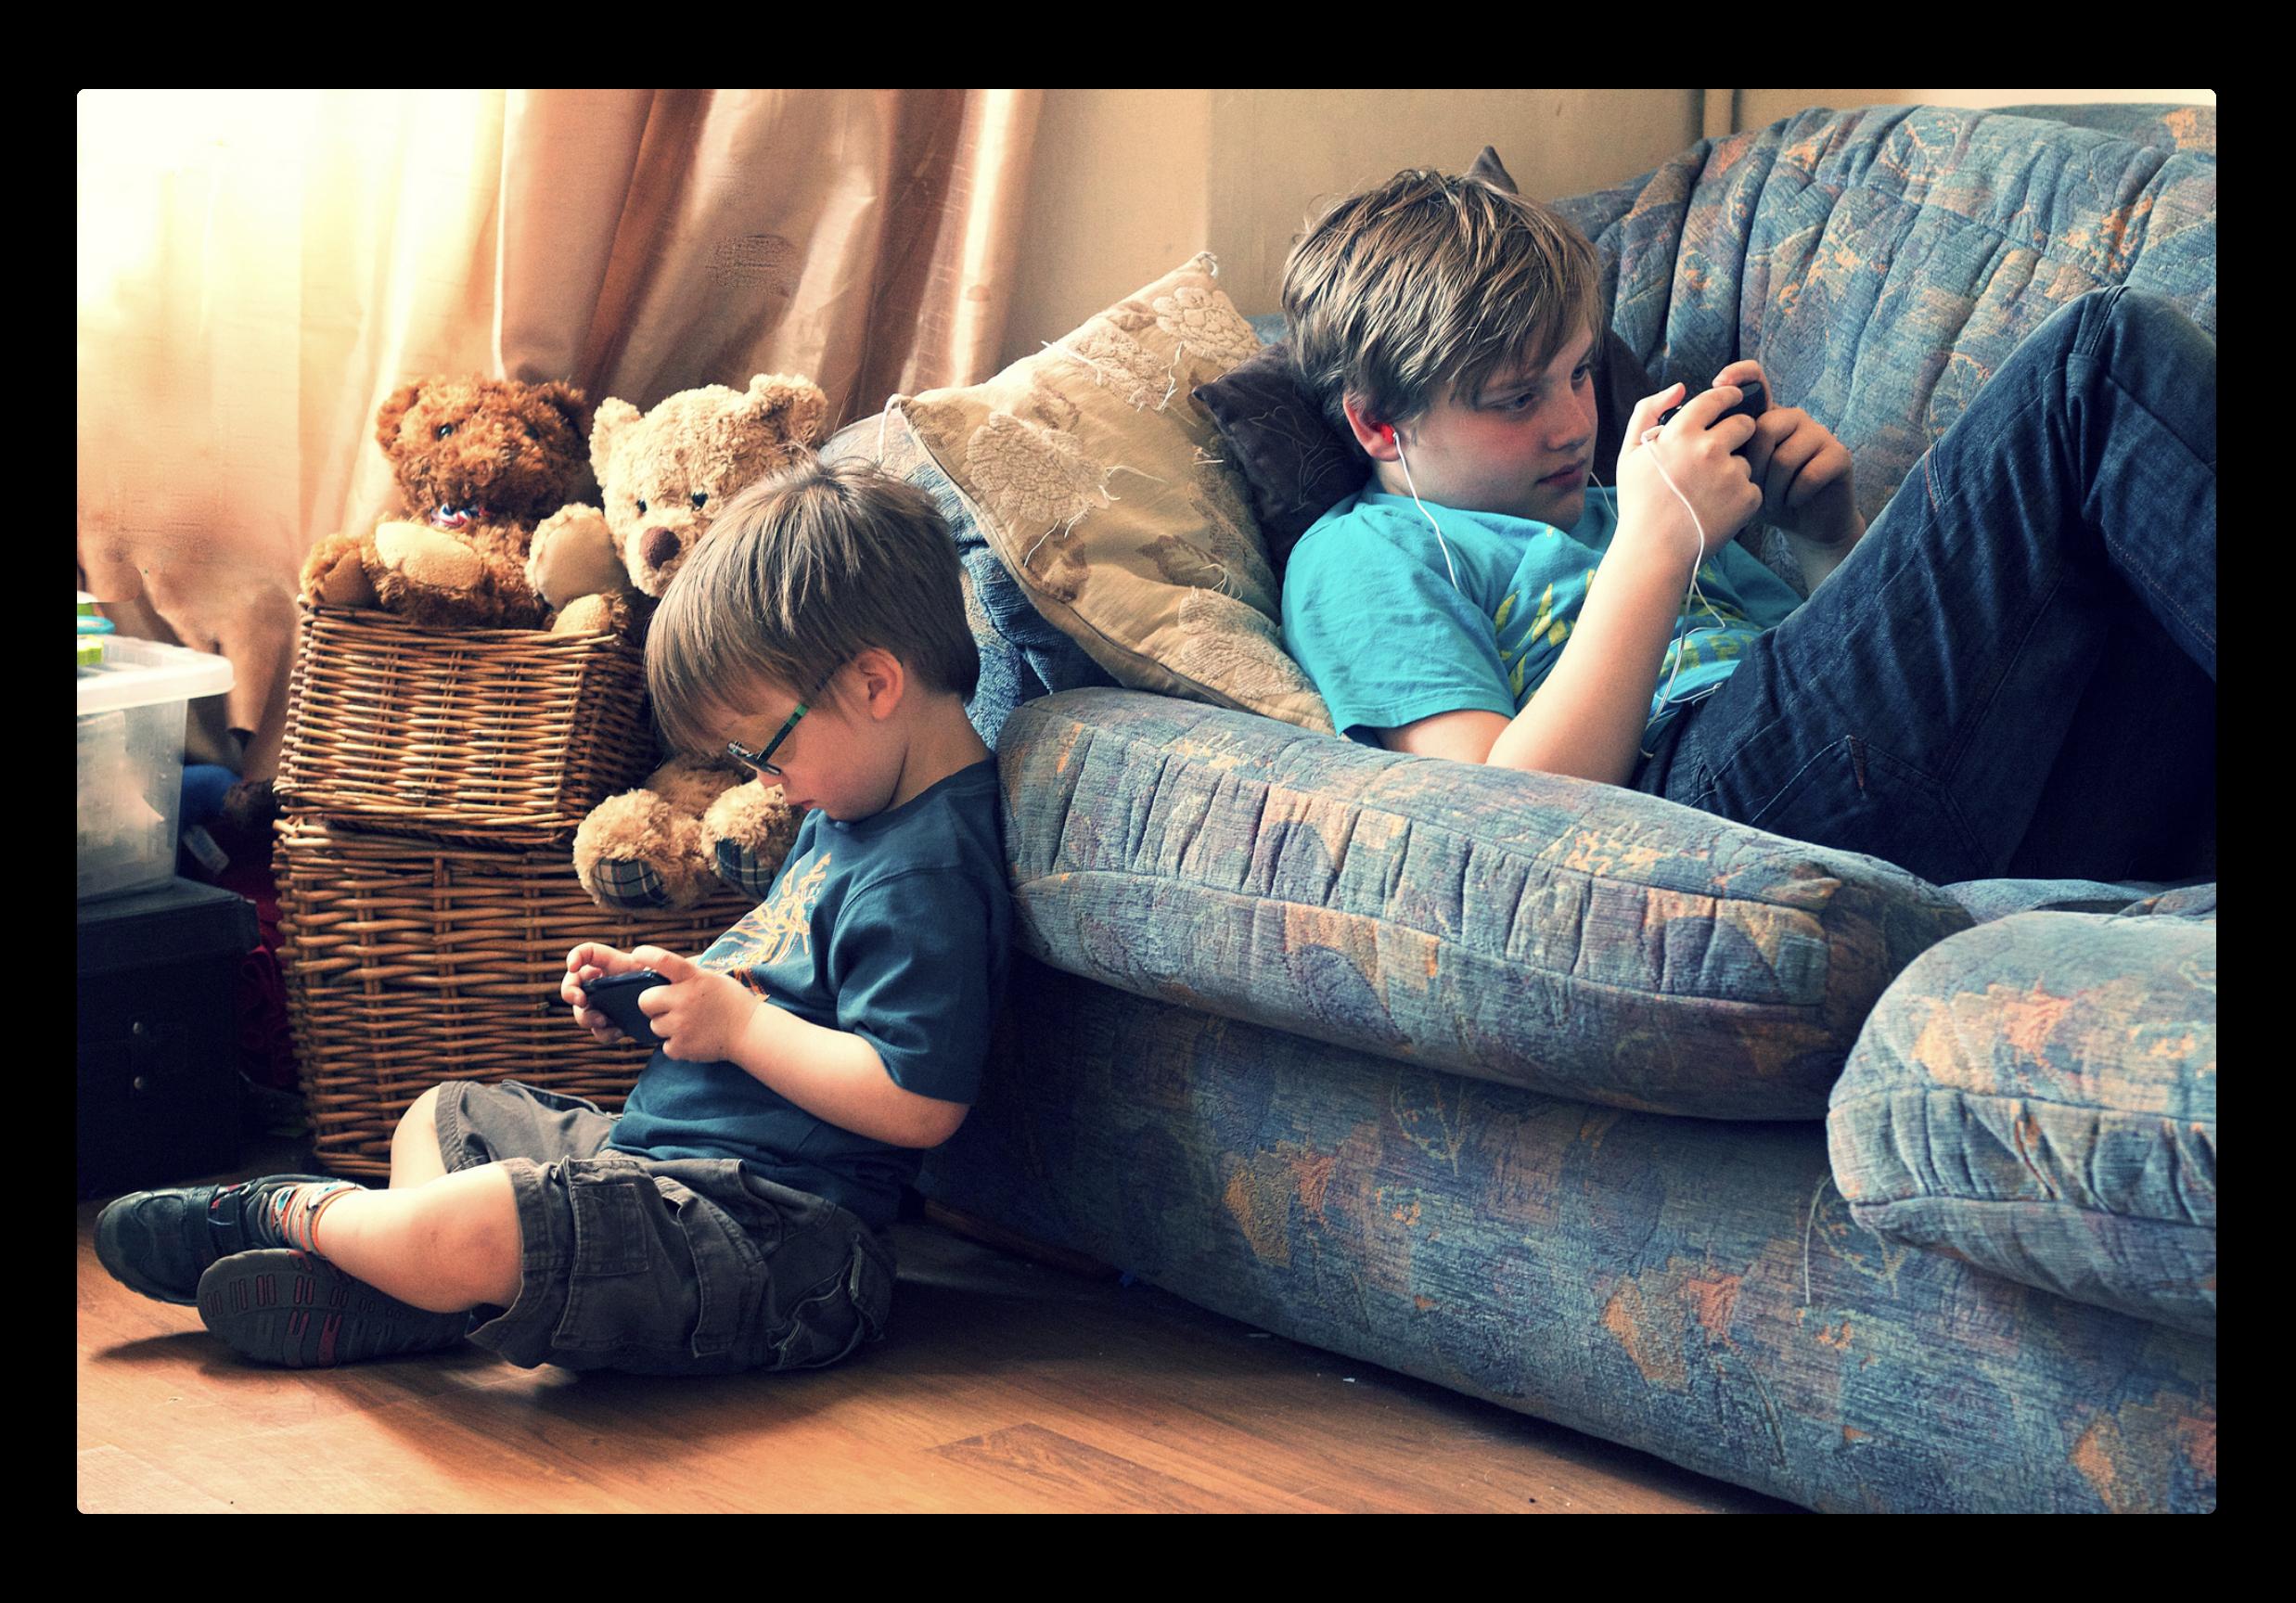 投資家は、スマートフォンの中毒から子どもを守るために、Appleにもっと多くのことを求める